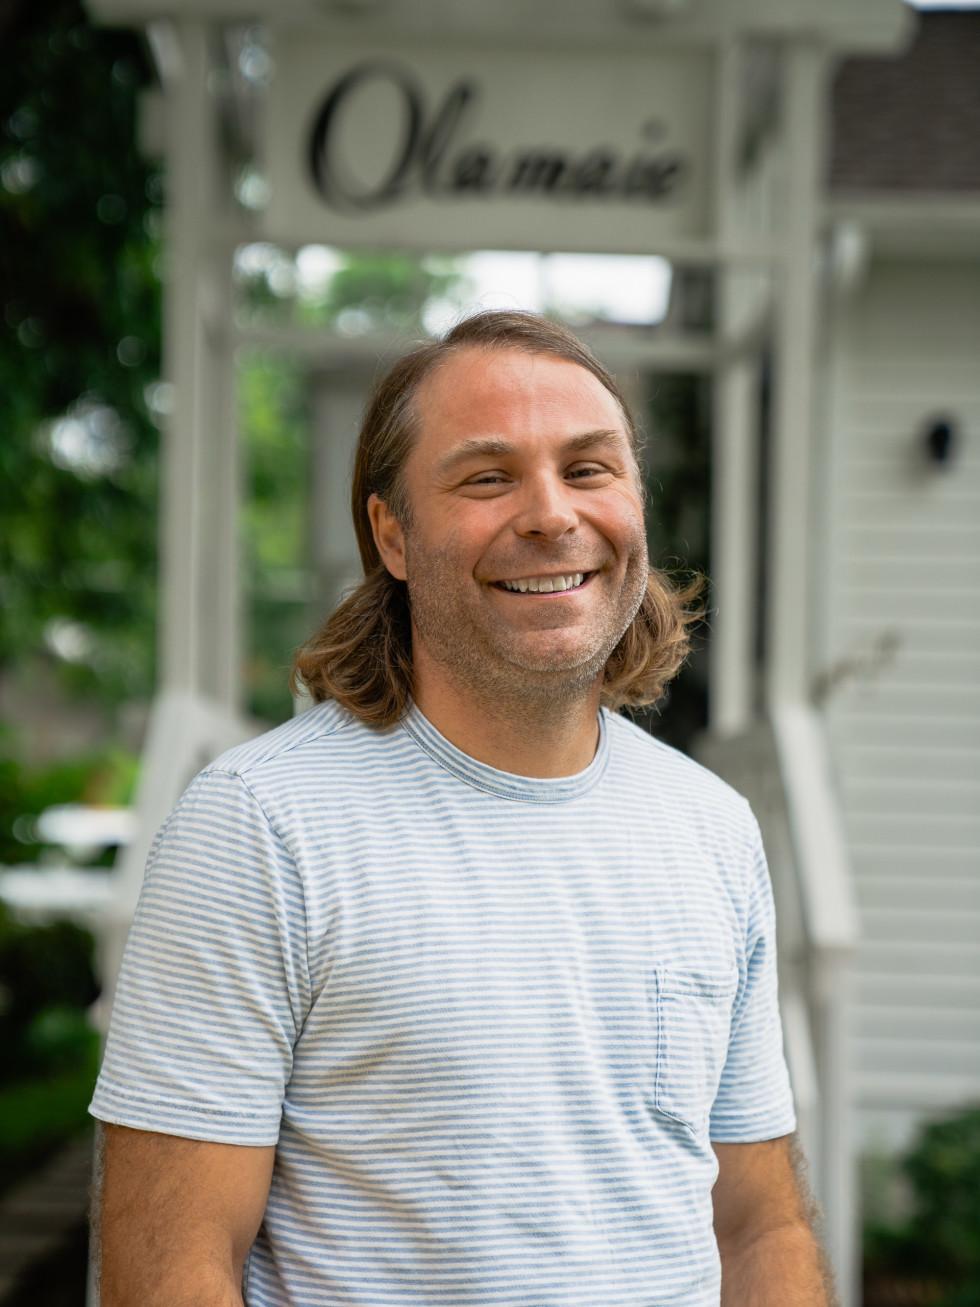 Michael Fojtasek